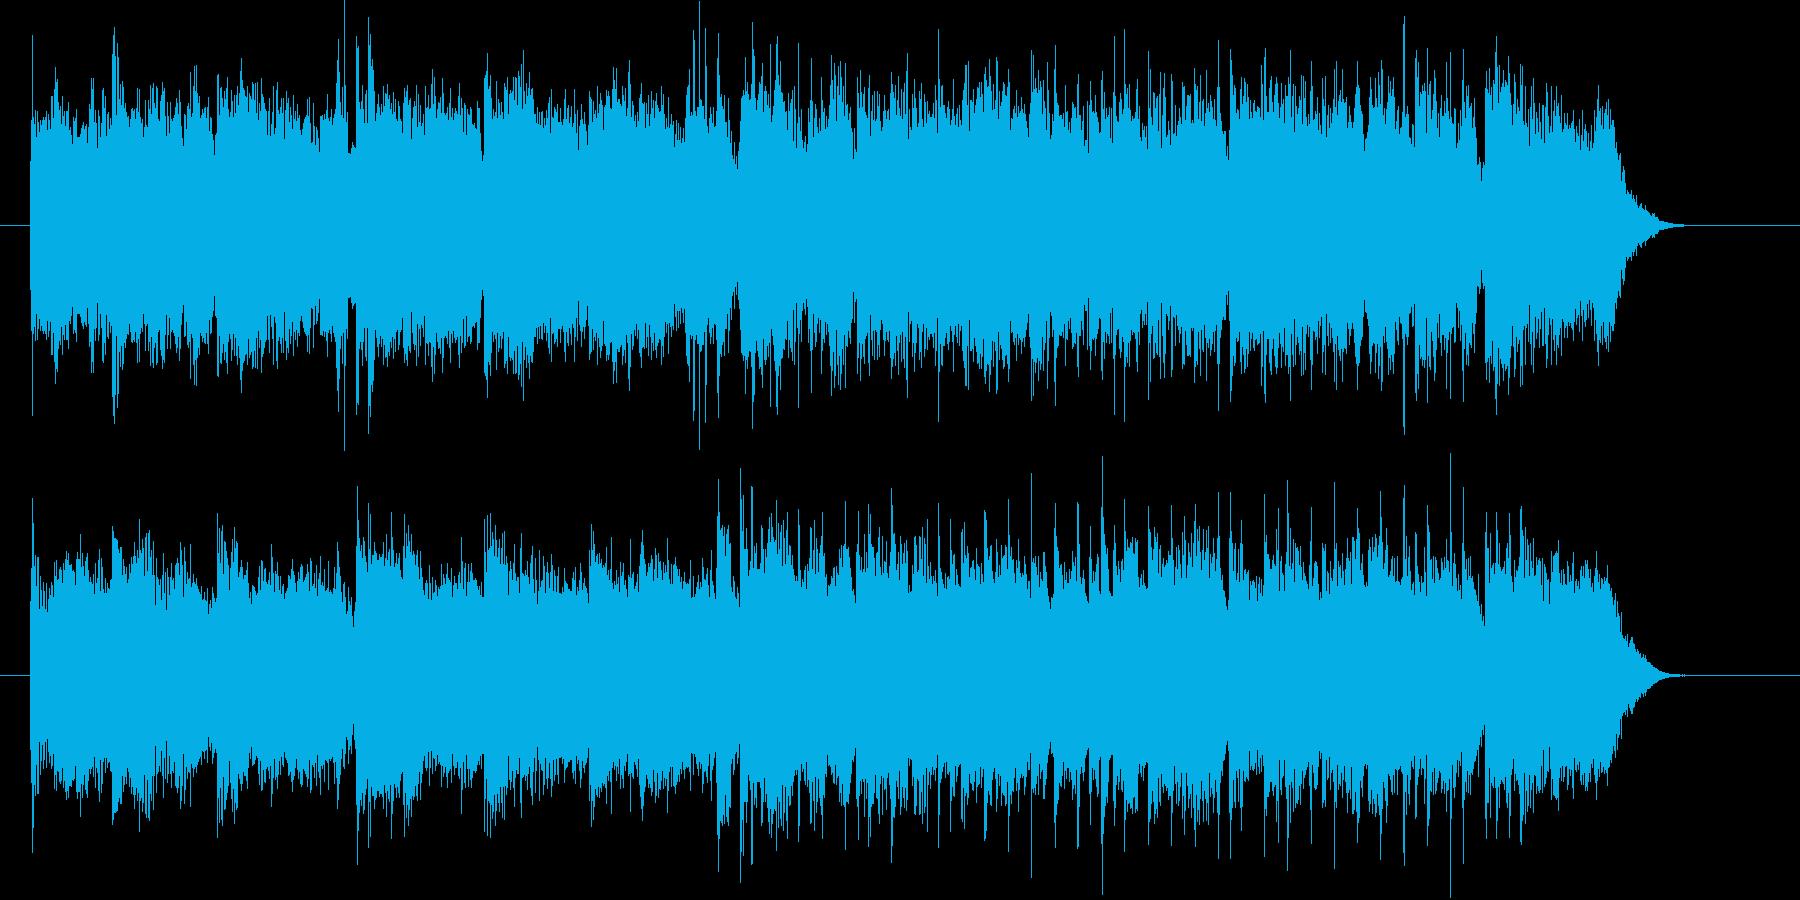 明るいポップスのジングル曲、サウンドロゴの再生済みの波形